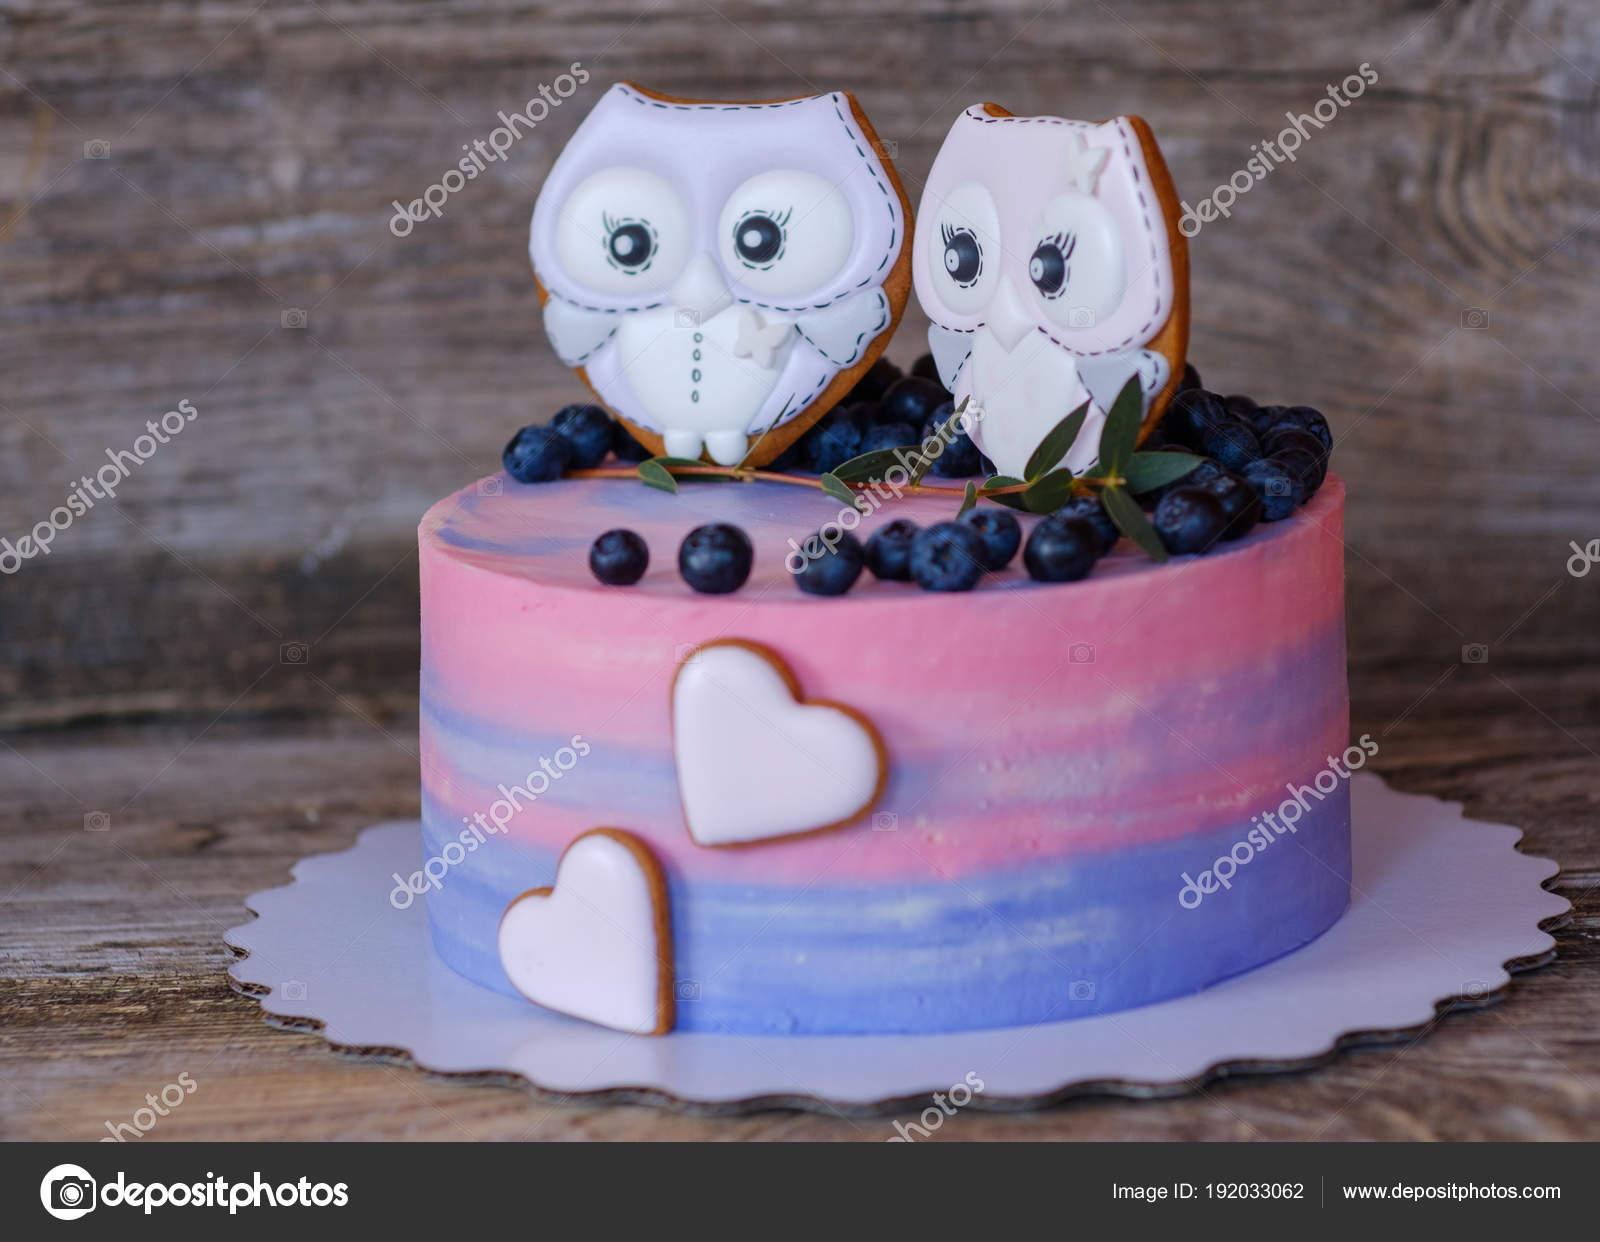 Schone Hausgemachte Kuchen Mit Rosa Mit Blau Creme Dekoriert Mit